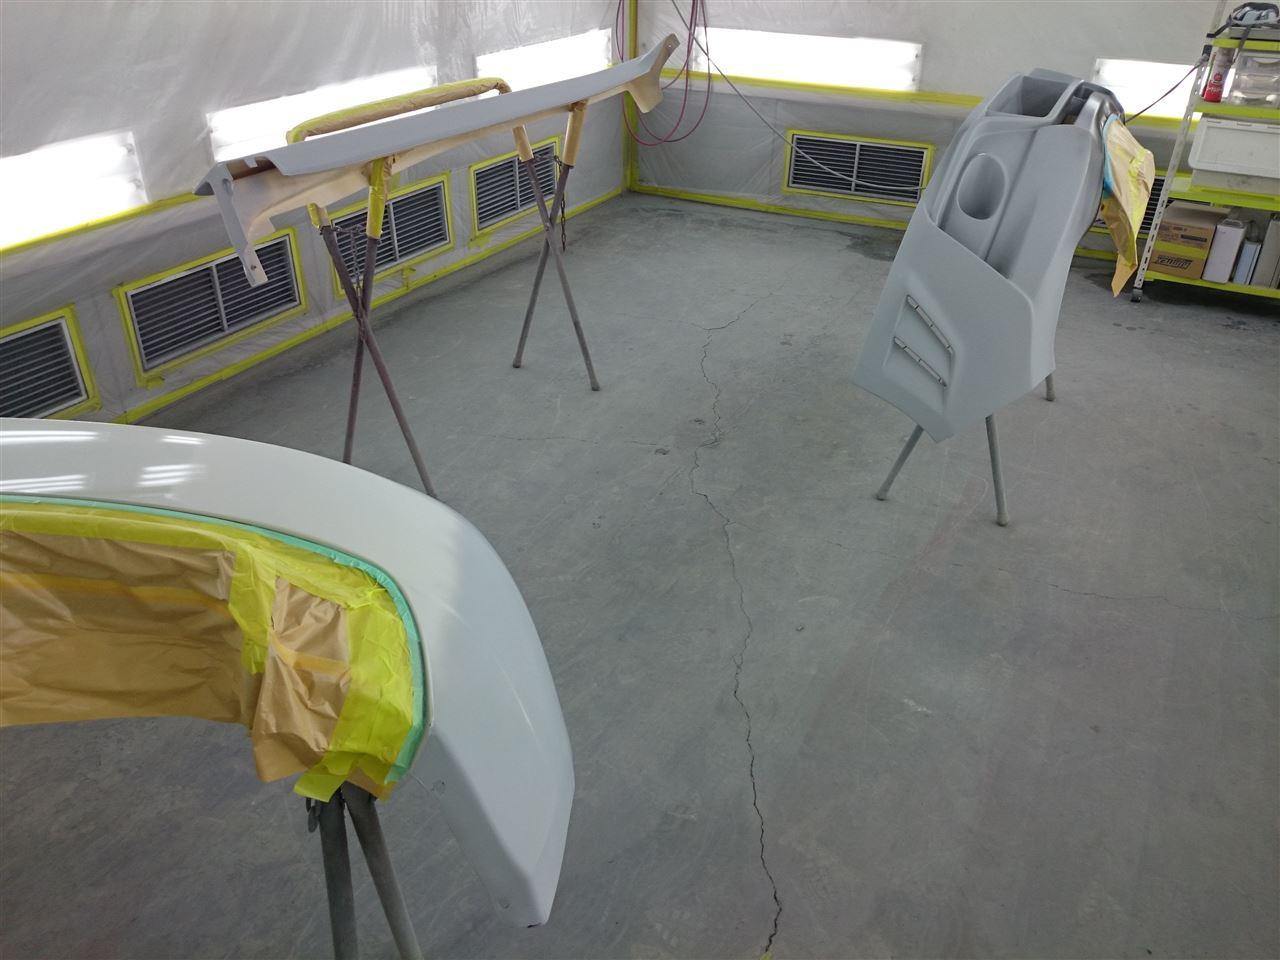 東京都立川市の車の板金塗装修理工場 ガレージローライドのスバル インプレッサのエアロパーツ塗装 取り付けです。